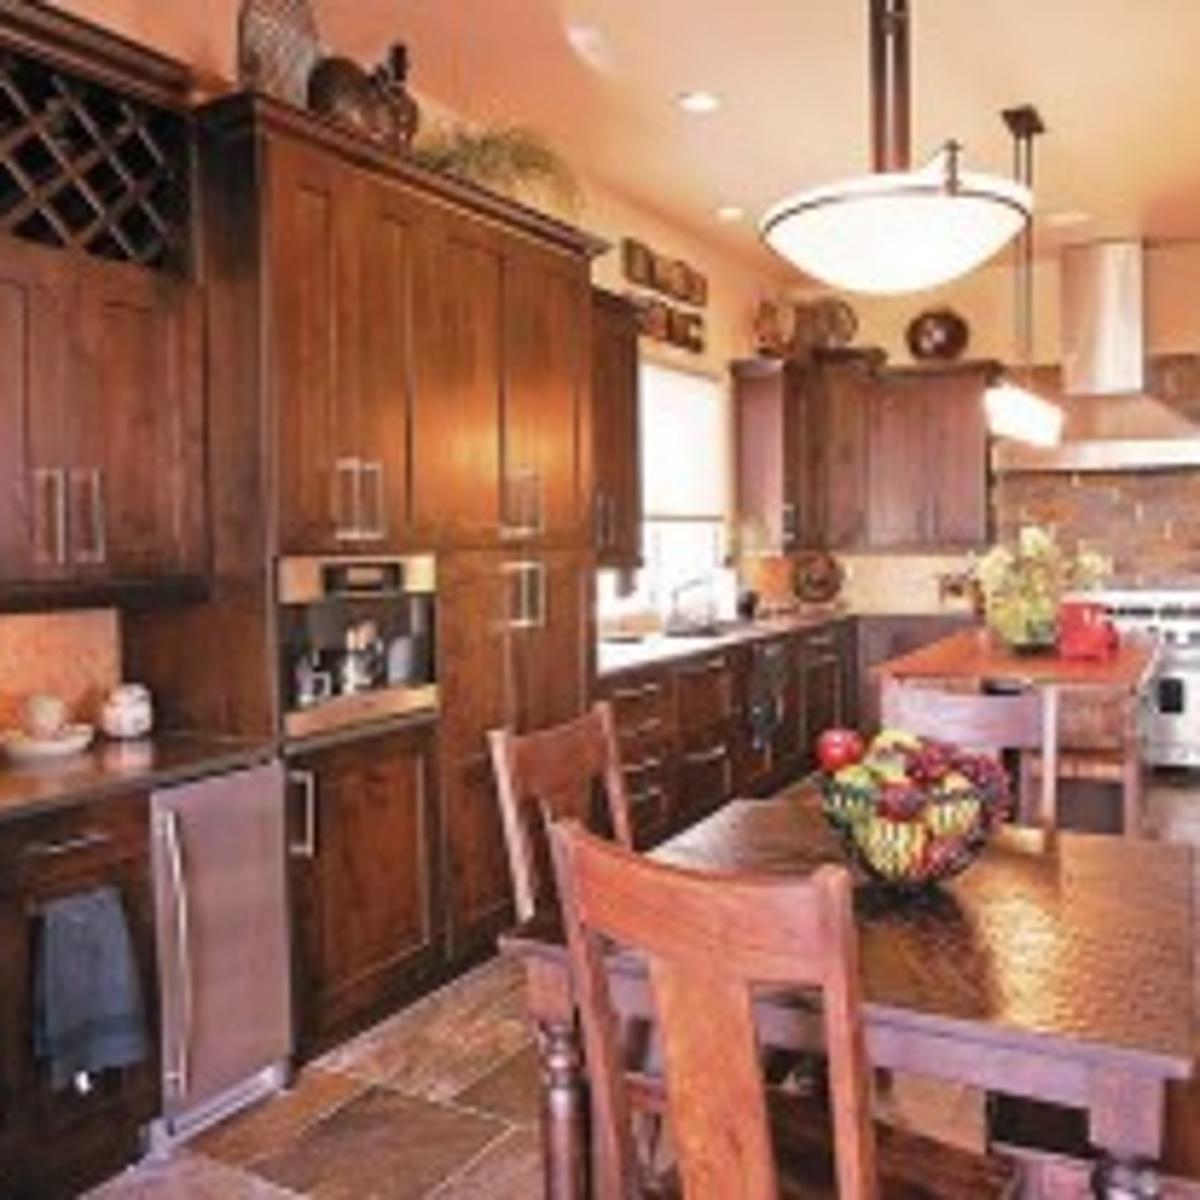 Design couple value organization | Tucson Homes | tucson.com